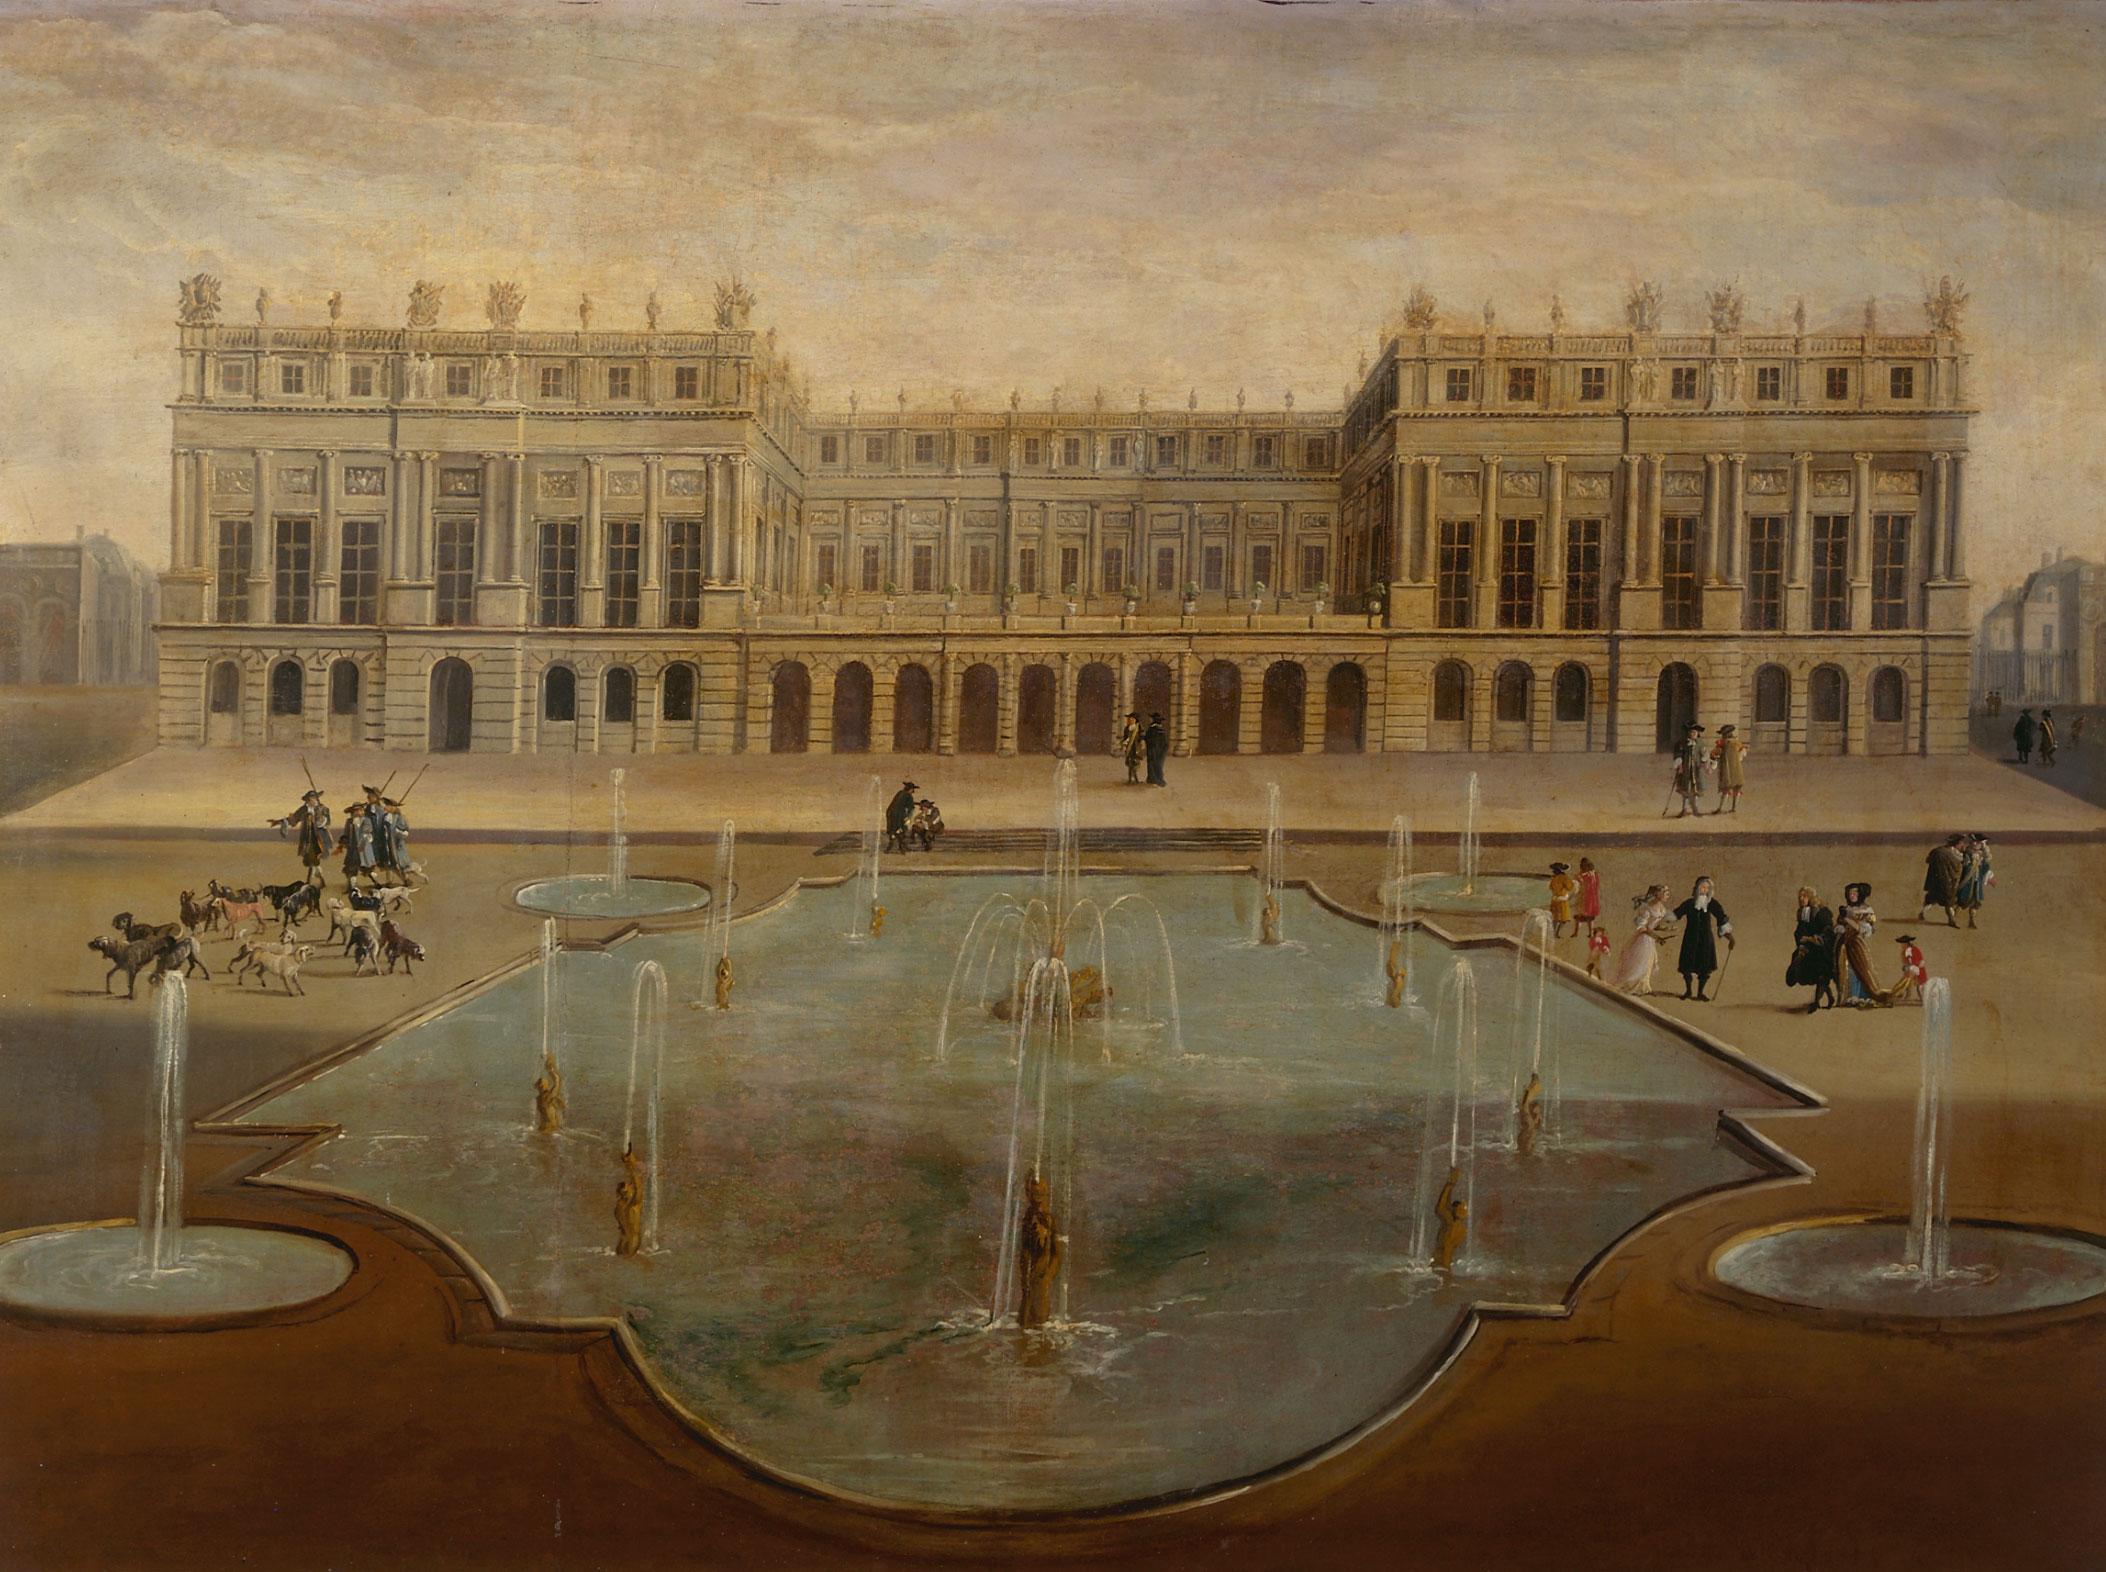 Parterre d eau jardins de versailles par anonyme xviie - Jardin de versailles histoire des arts ...